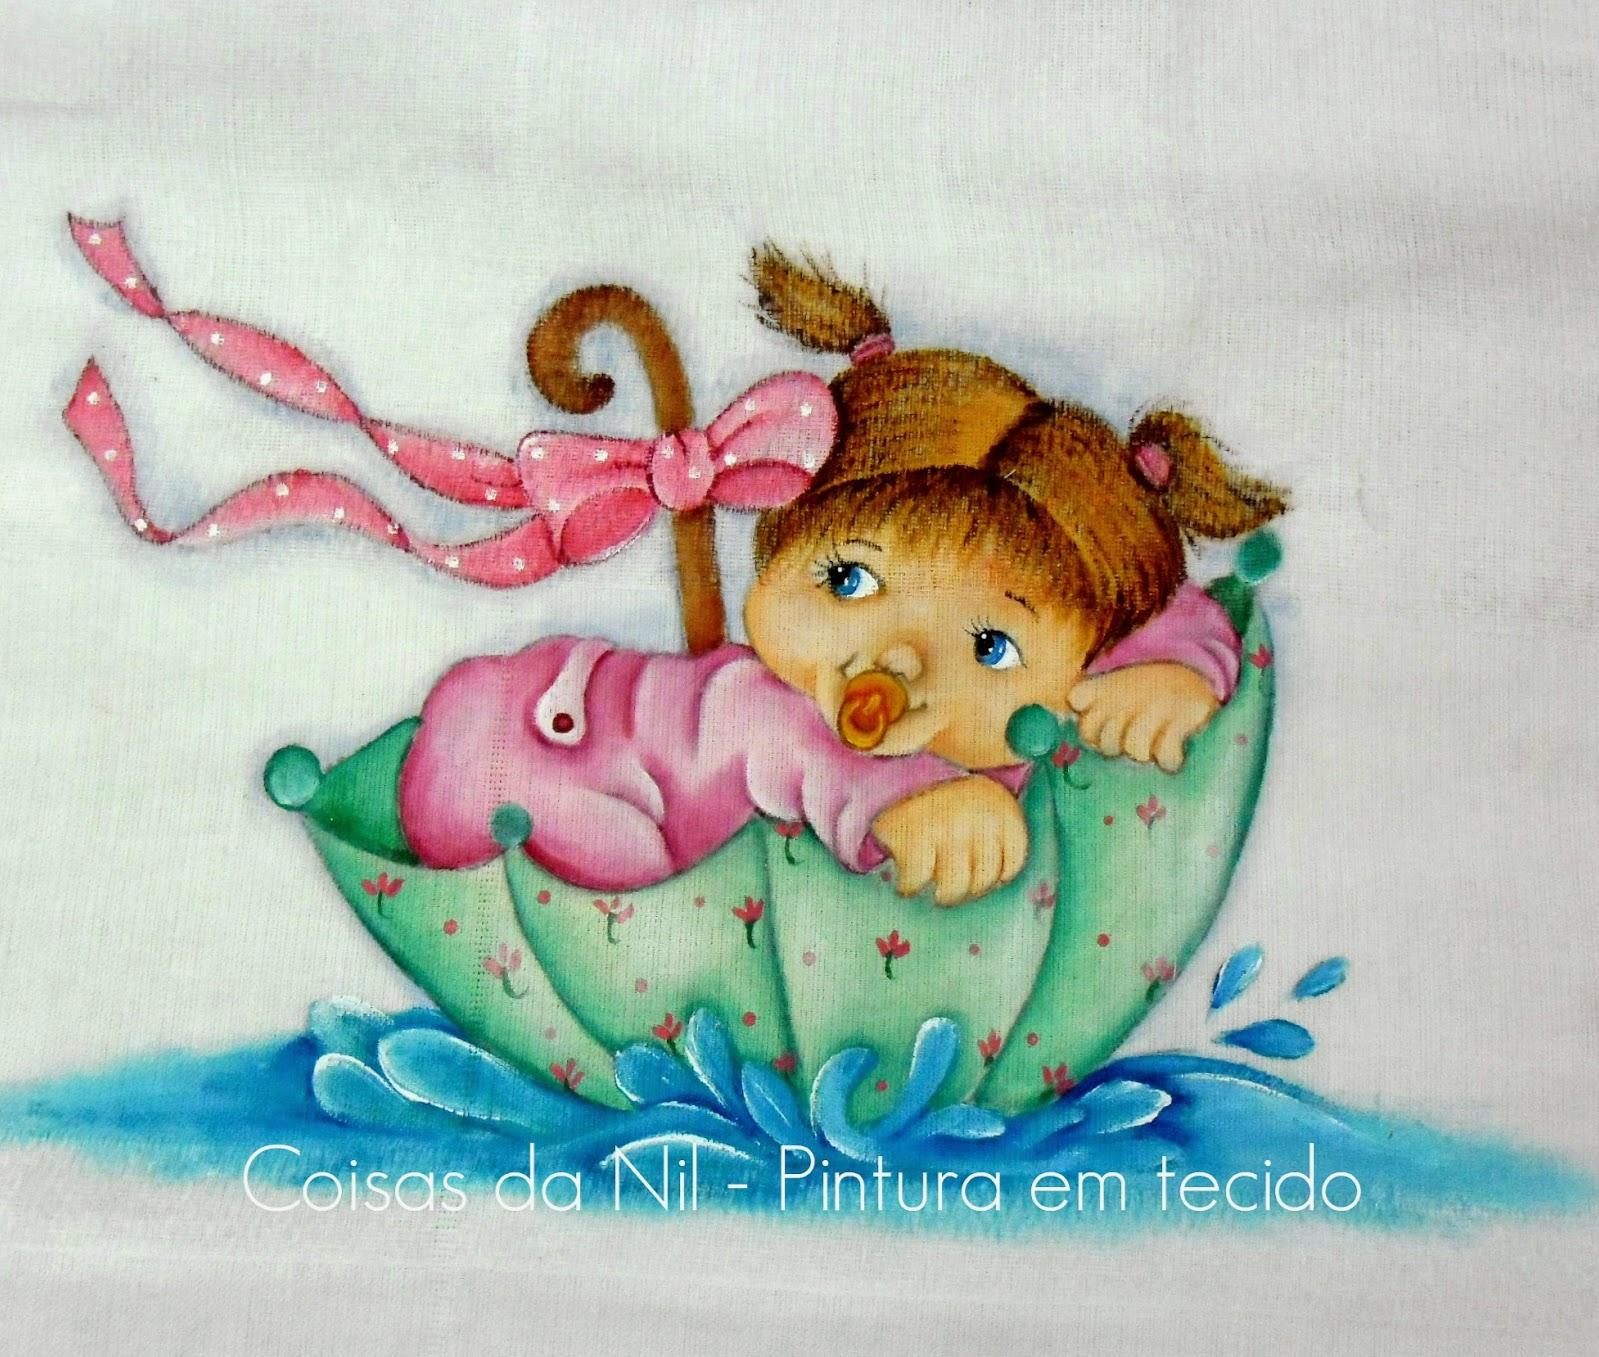 fralda pintada com menina dentro de um guarda-chuva